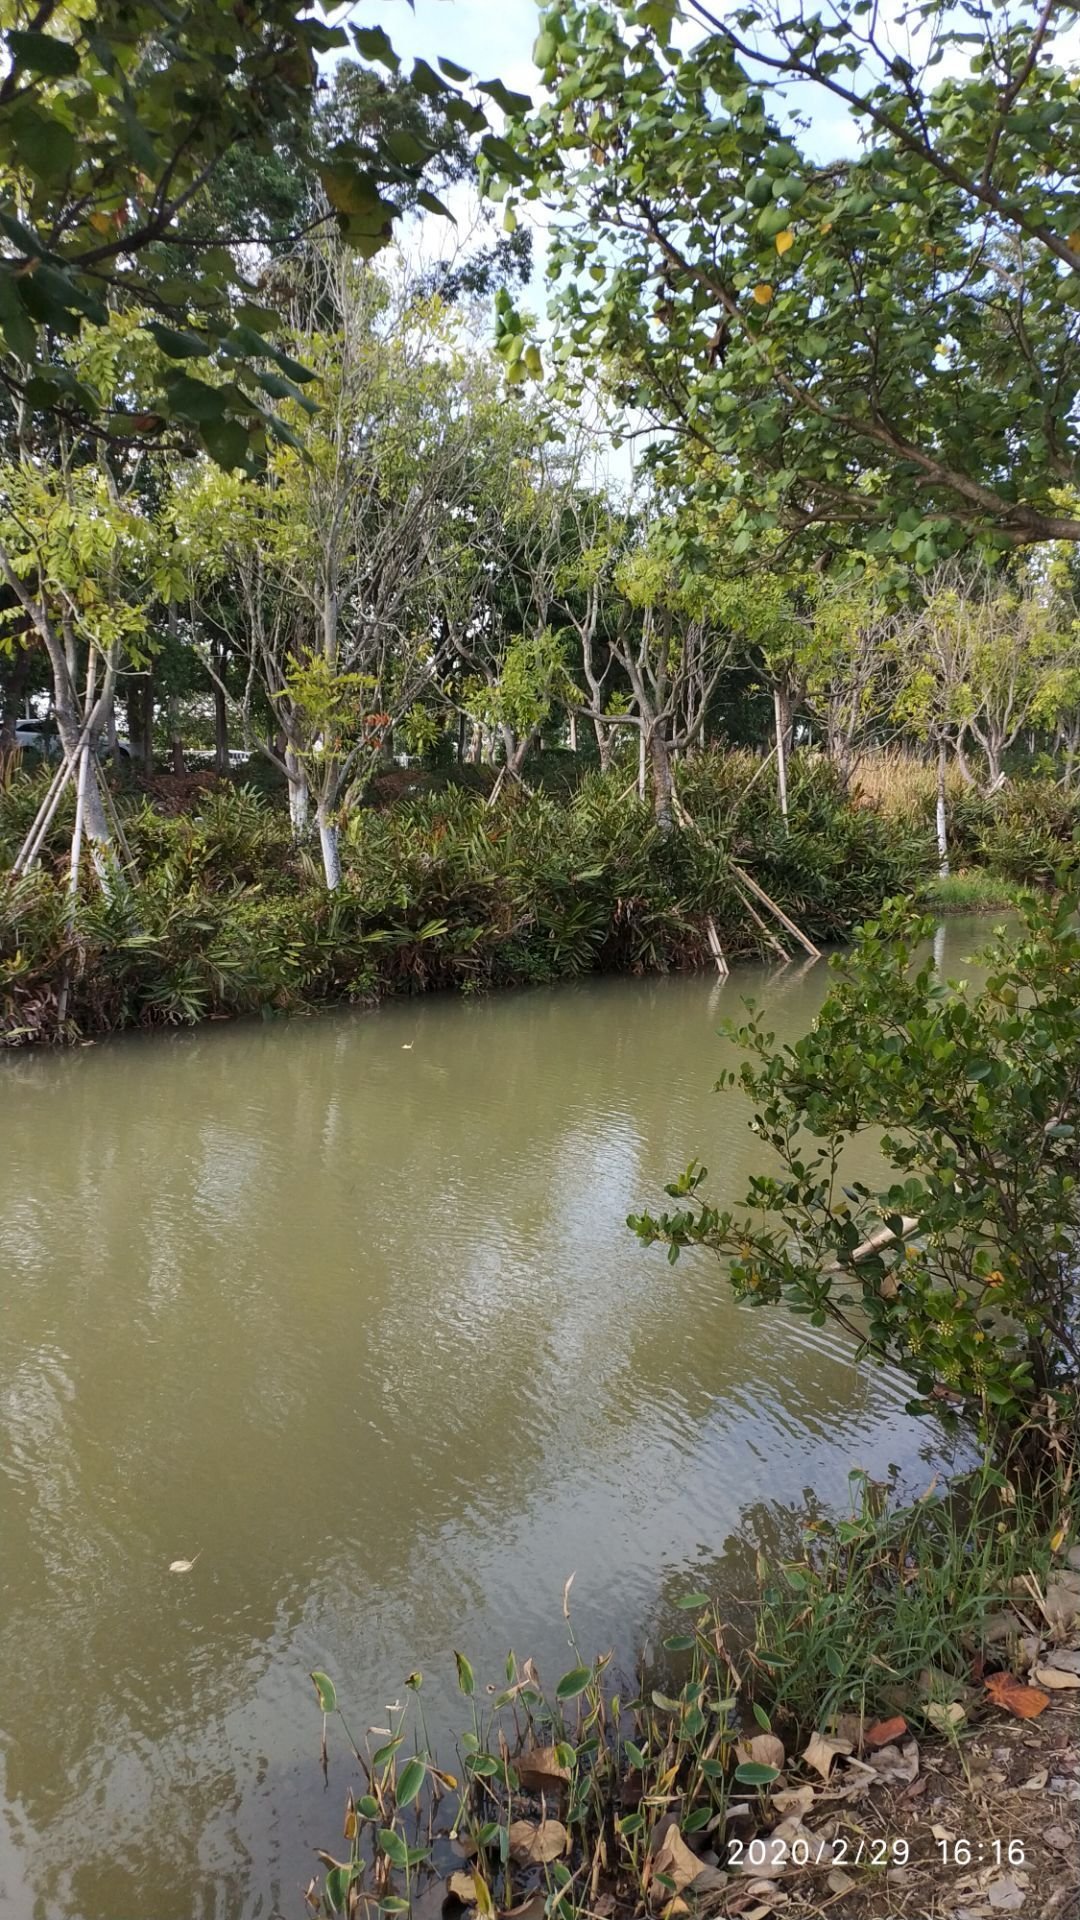 广州去南沙湿地公园_广州南沙湿地公园二期攻略,广州南沙湿地公园二期门票/游玩攻略 ...